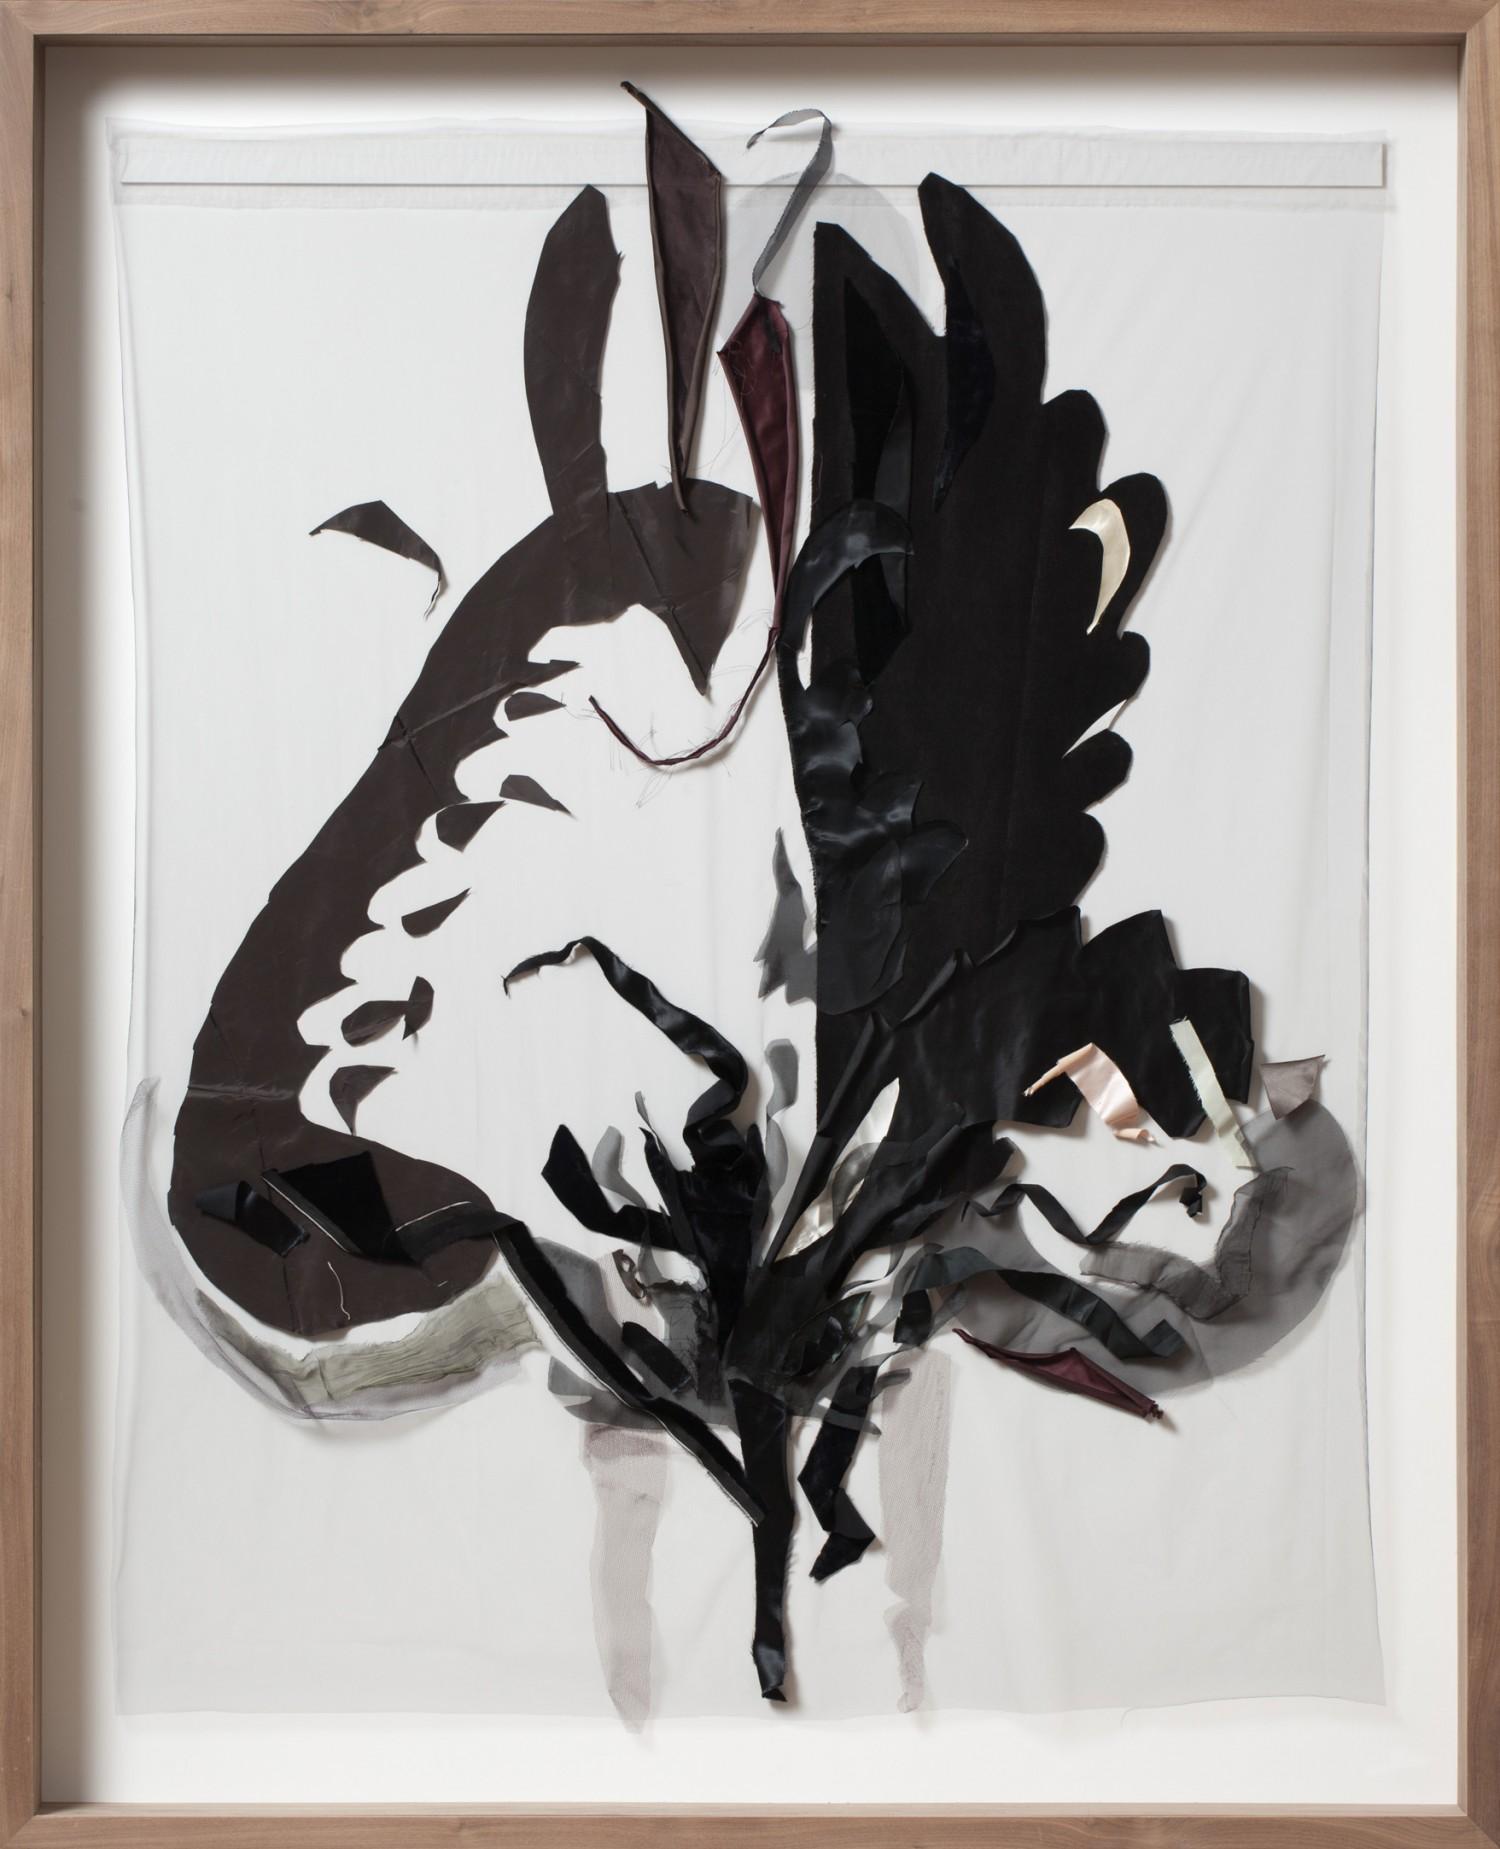 Secret 04, 159,5 x 144,5 x 9 cm, 2012